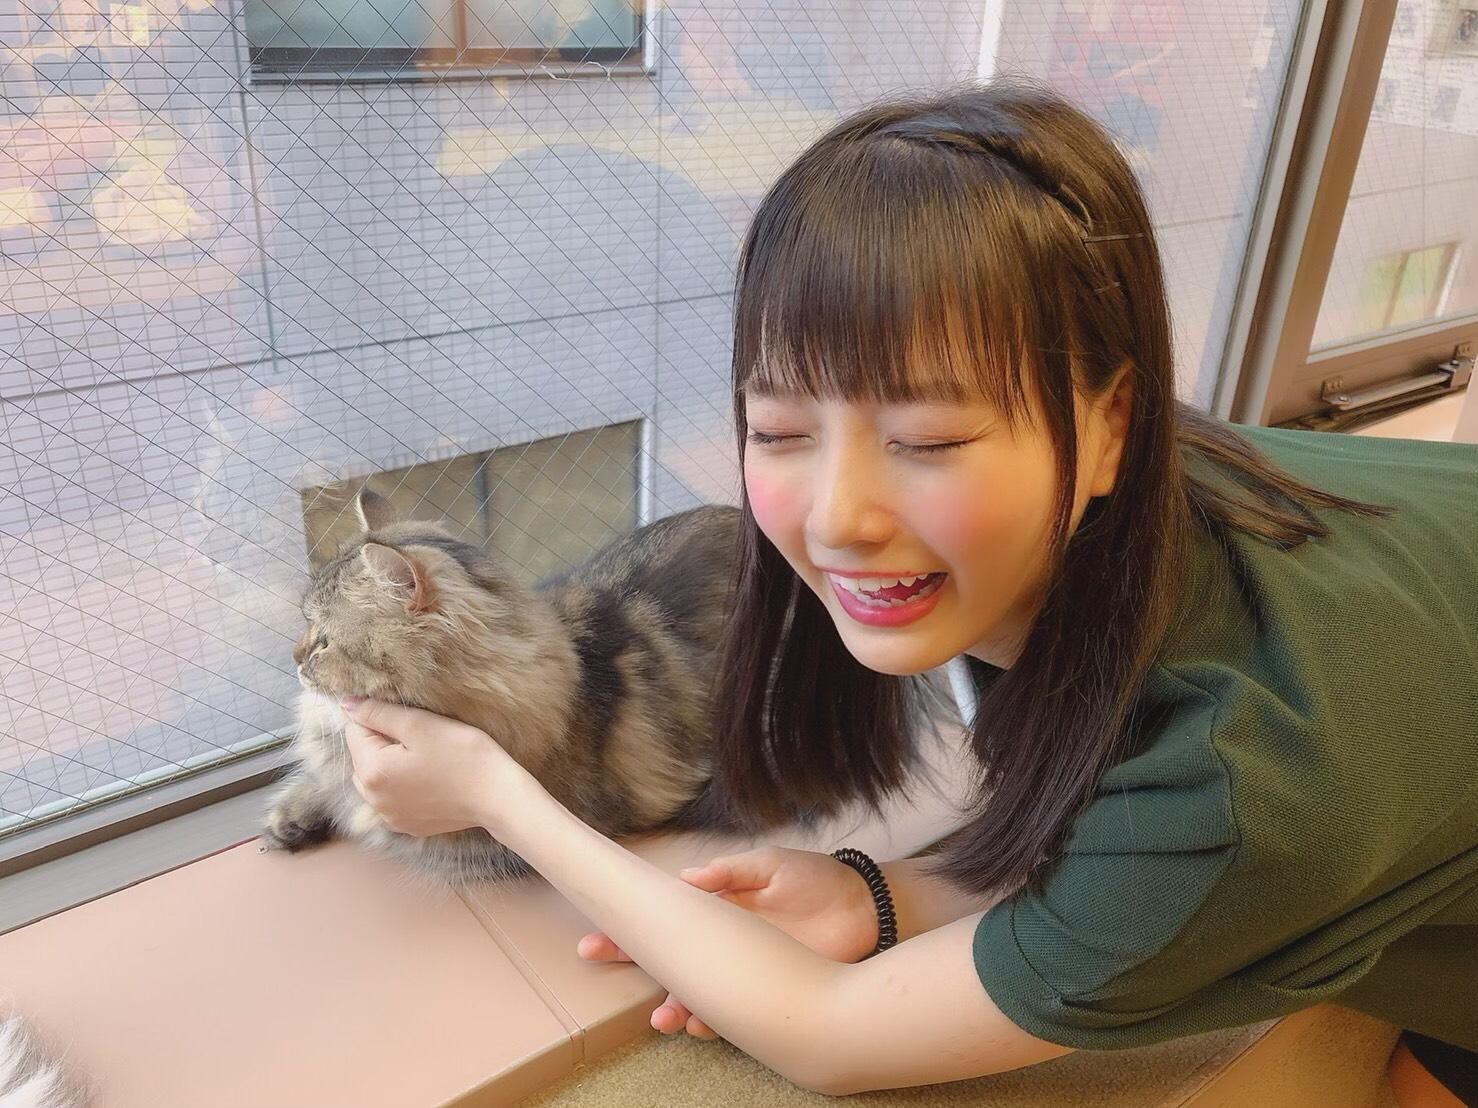 猫よりもたんこのほうが可愛いわ、、、